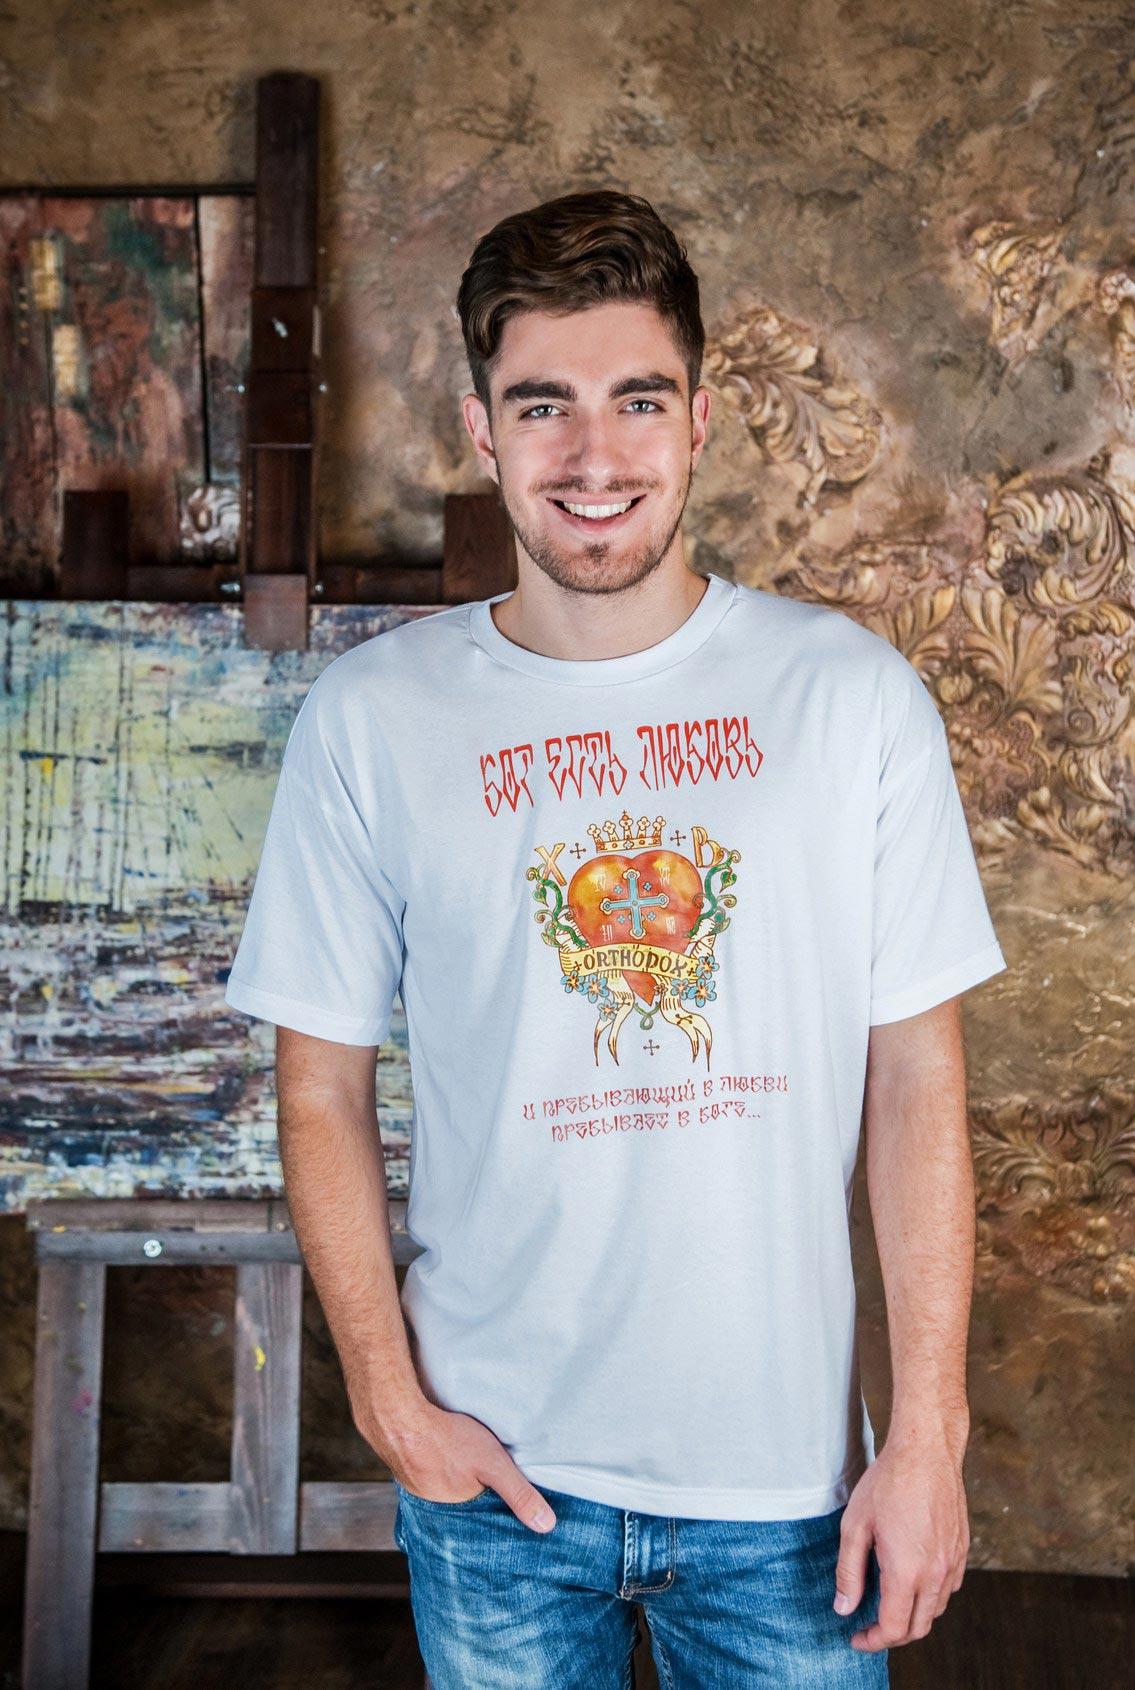 мужская футболка Христиания, men's T-shirt Christiania